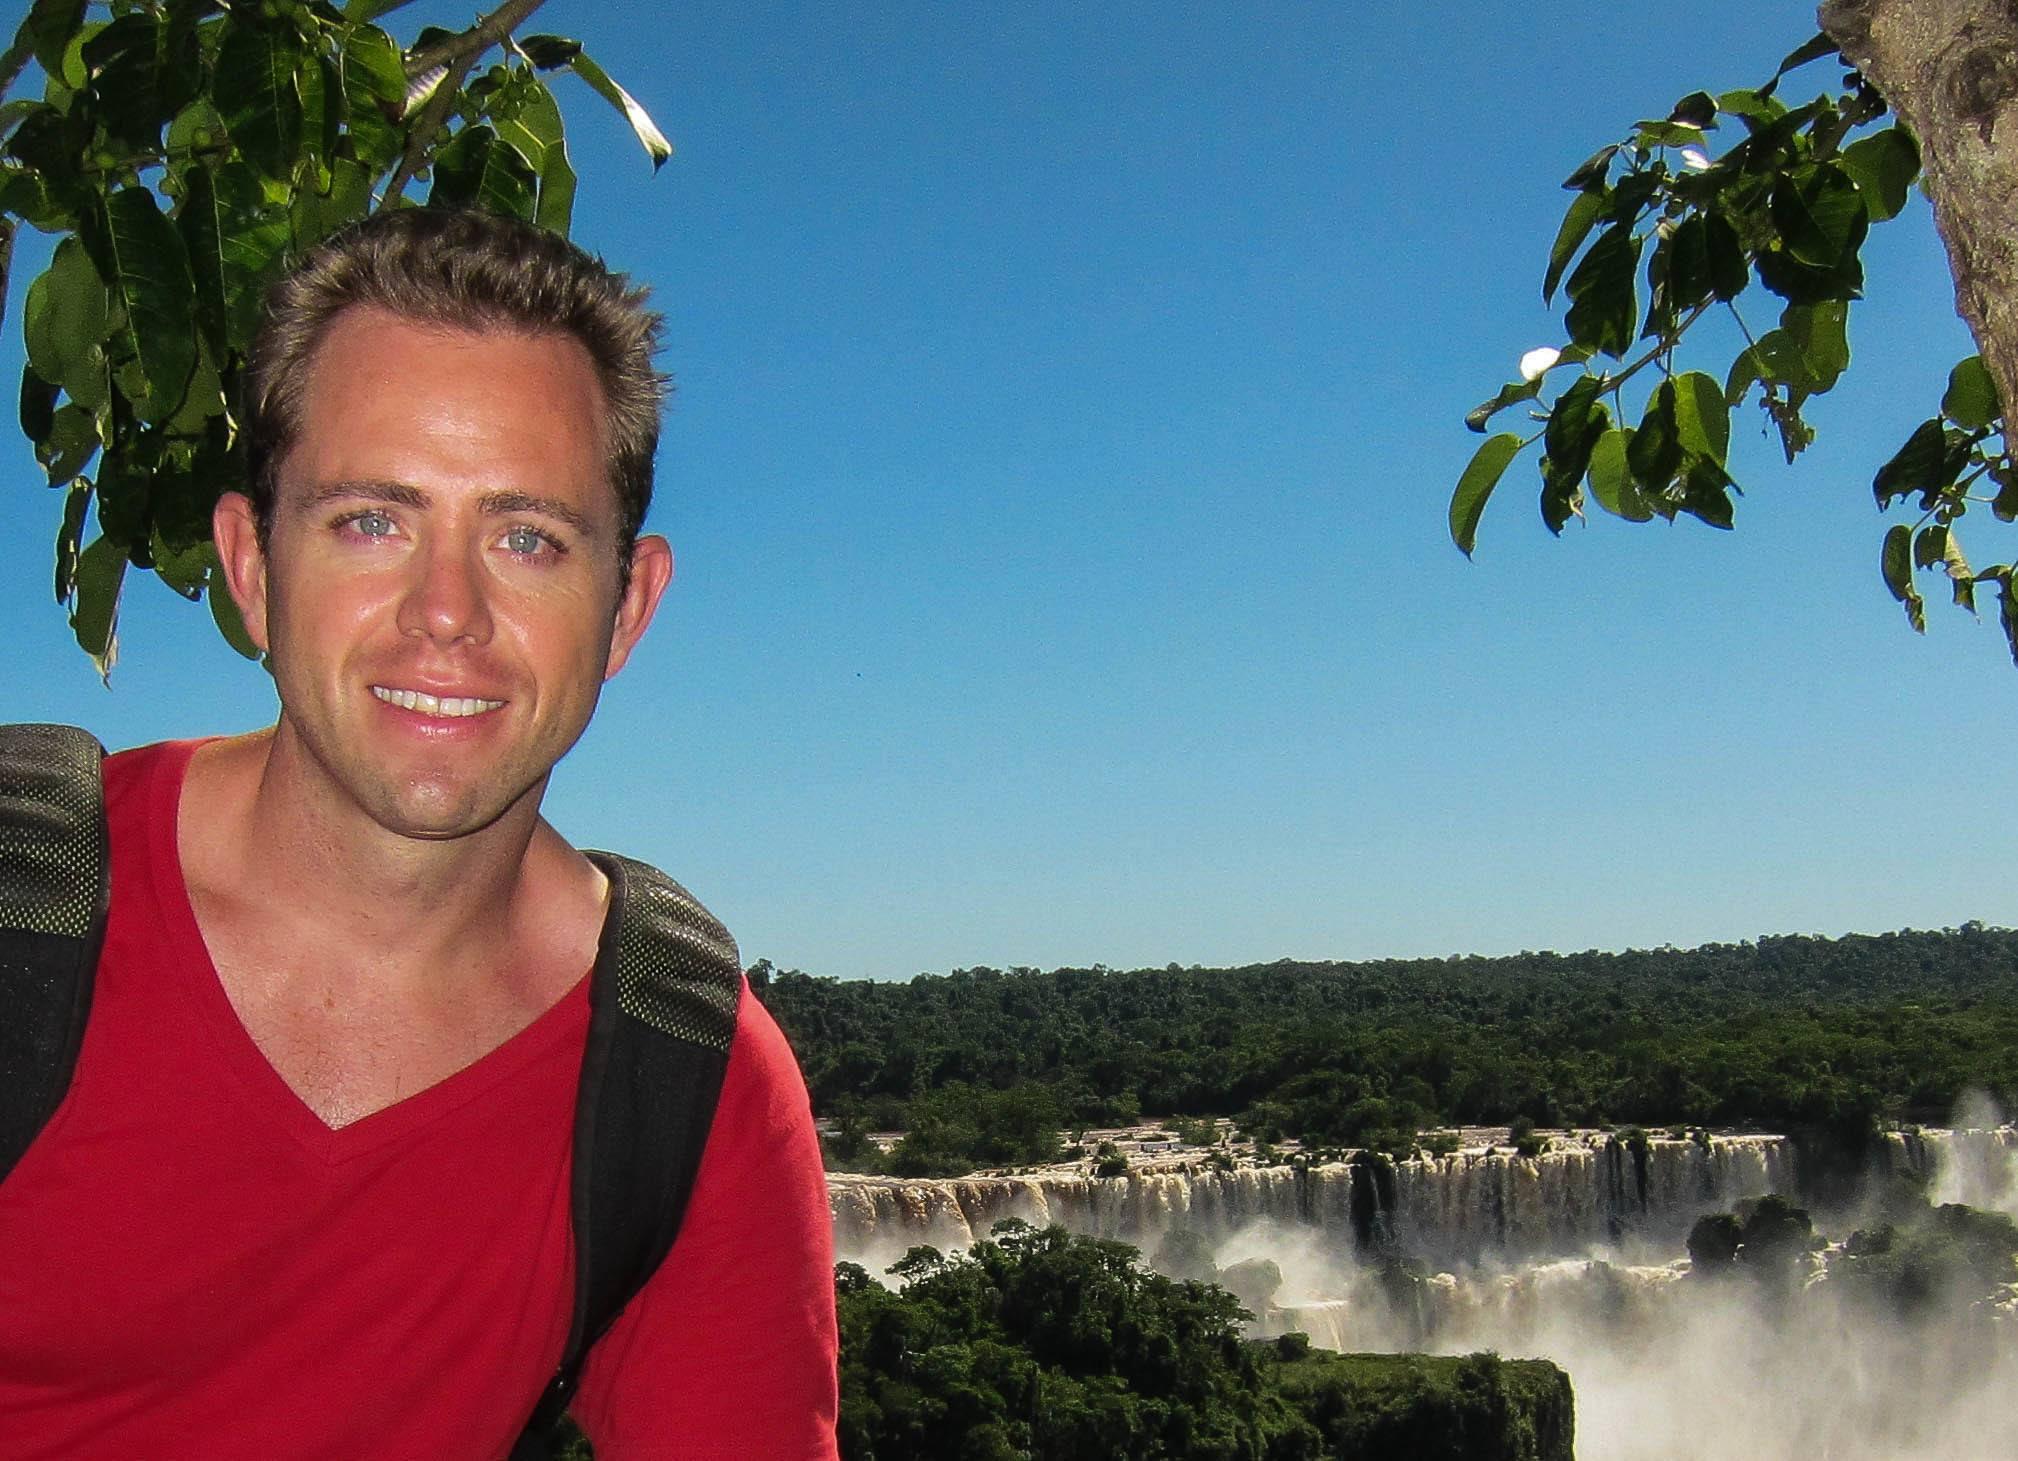 Todd Maltzahn at Puerto Iguazzu, Argentina